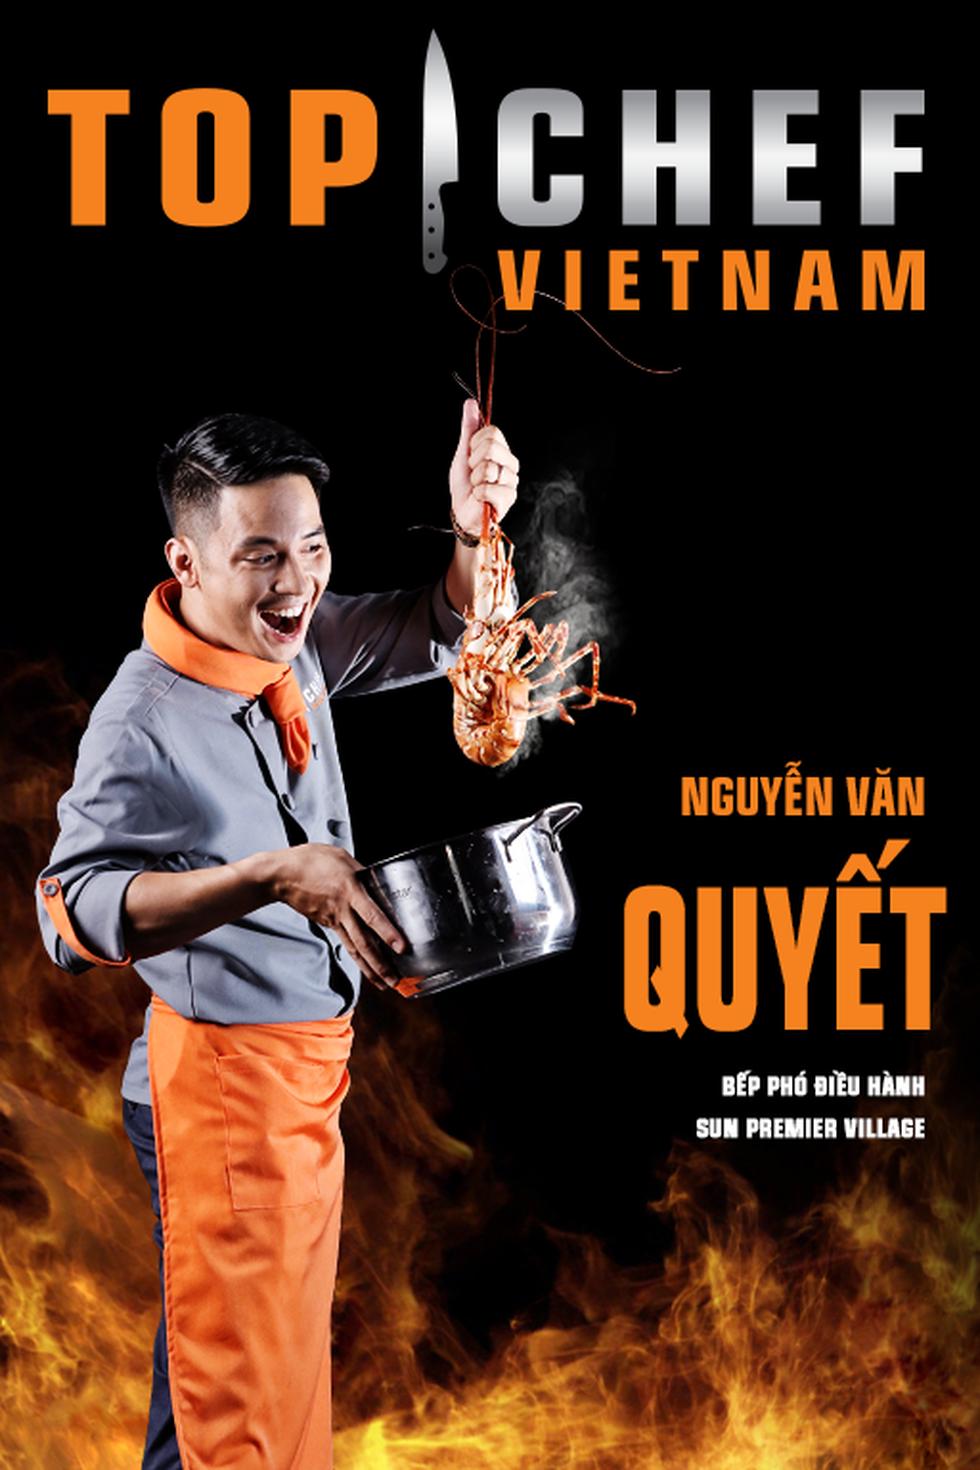 Lộ diện top 14 Đầu bếp thượng đỉnh - Top chef Vietnam 2019 - Ảnh 15.